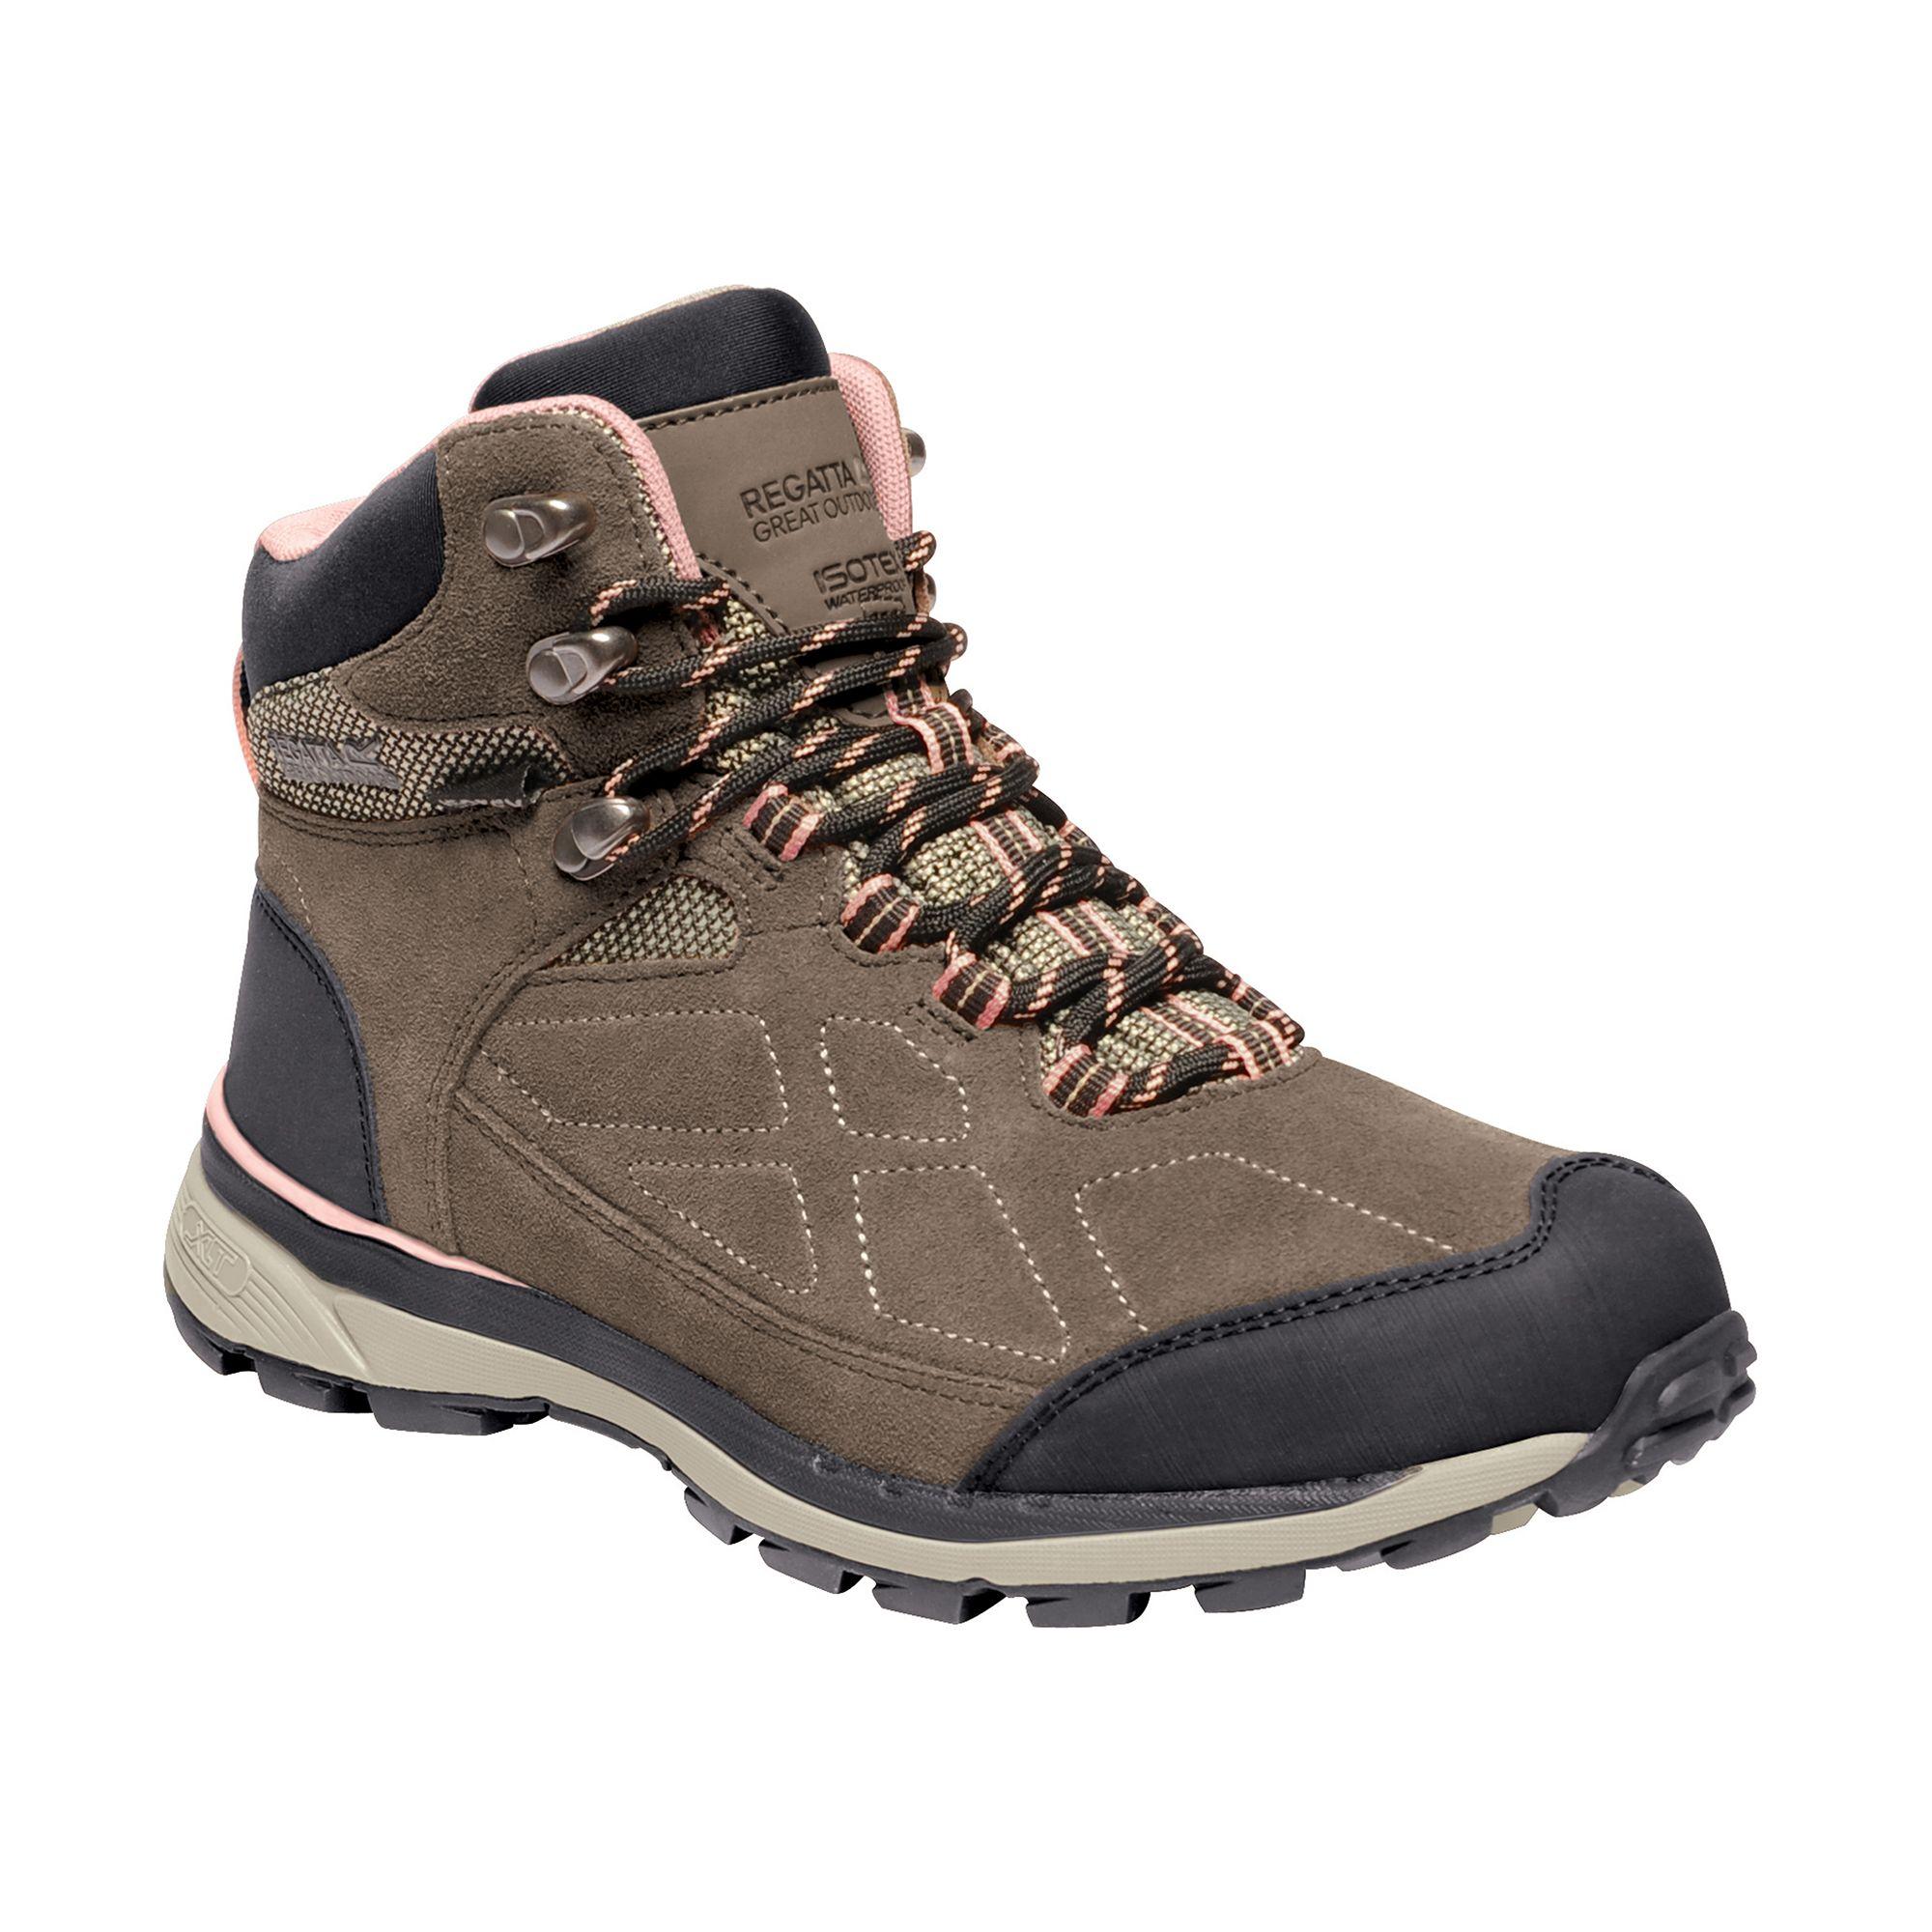 Regatta Womens/Ladies Samaris Suede Walking Boots (5 UK) (Walnut/Mellow Rose)